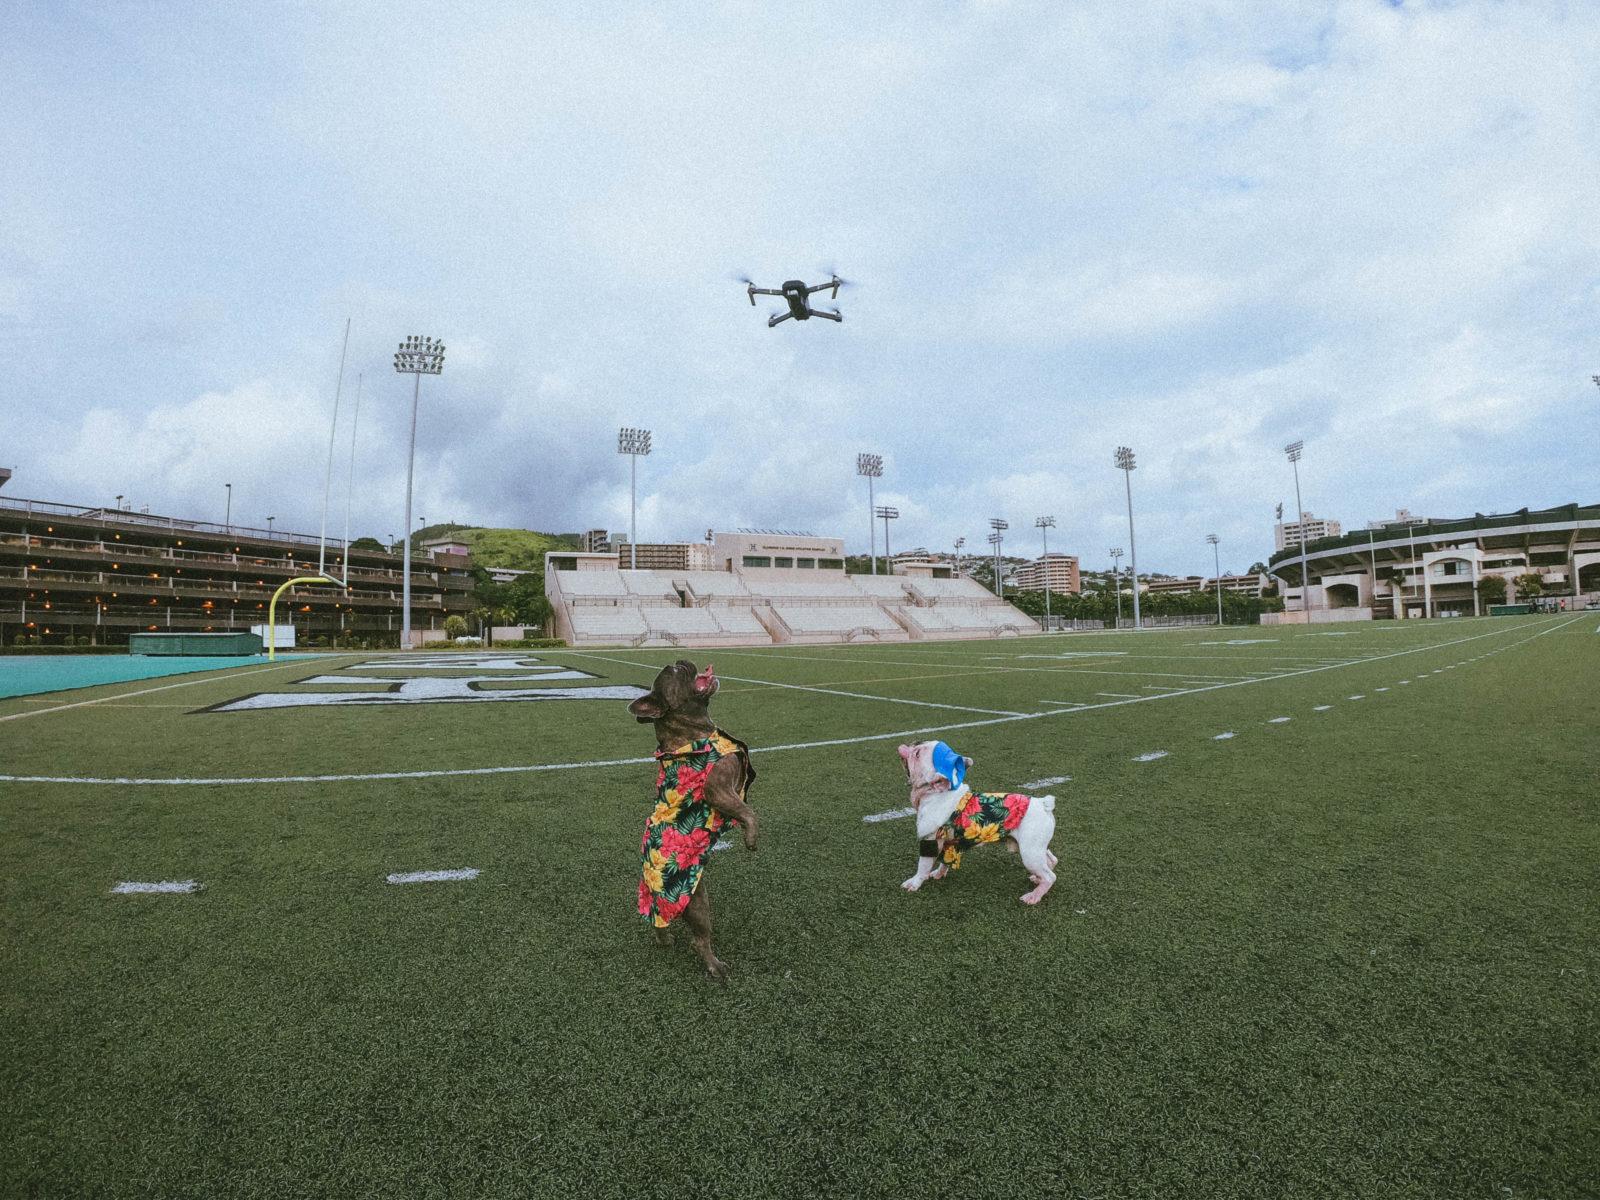 Majitel psa venčí svého  miláčka pomocí dronu